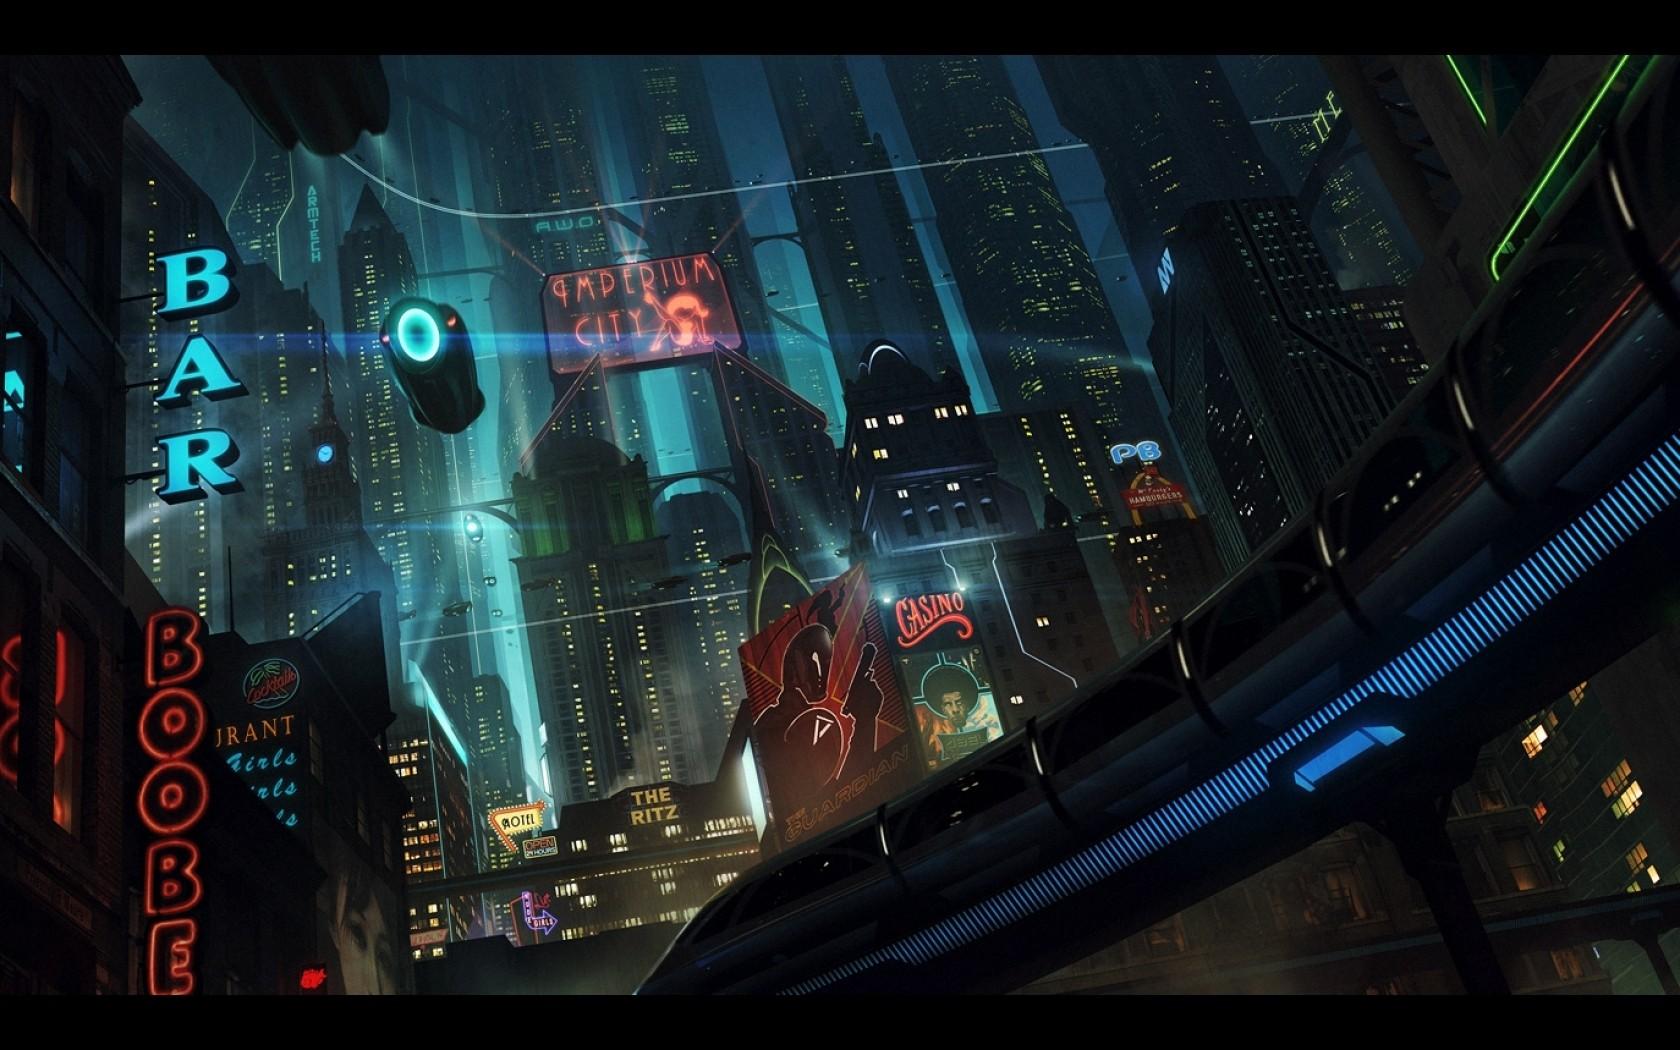 デスクトップ壁紙 デジタルアート 都市景観 未来都市 真夜中 闇